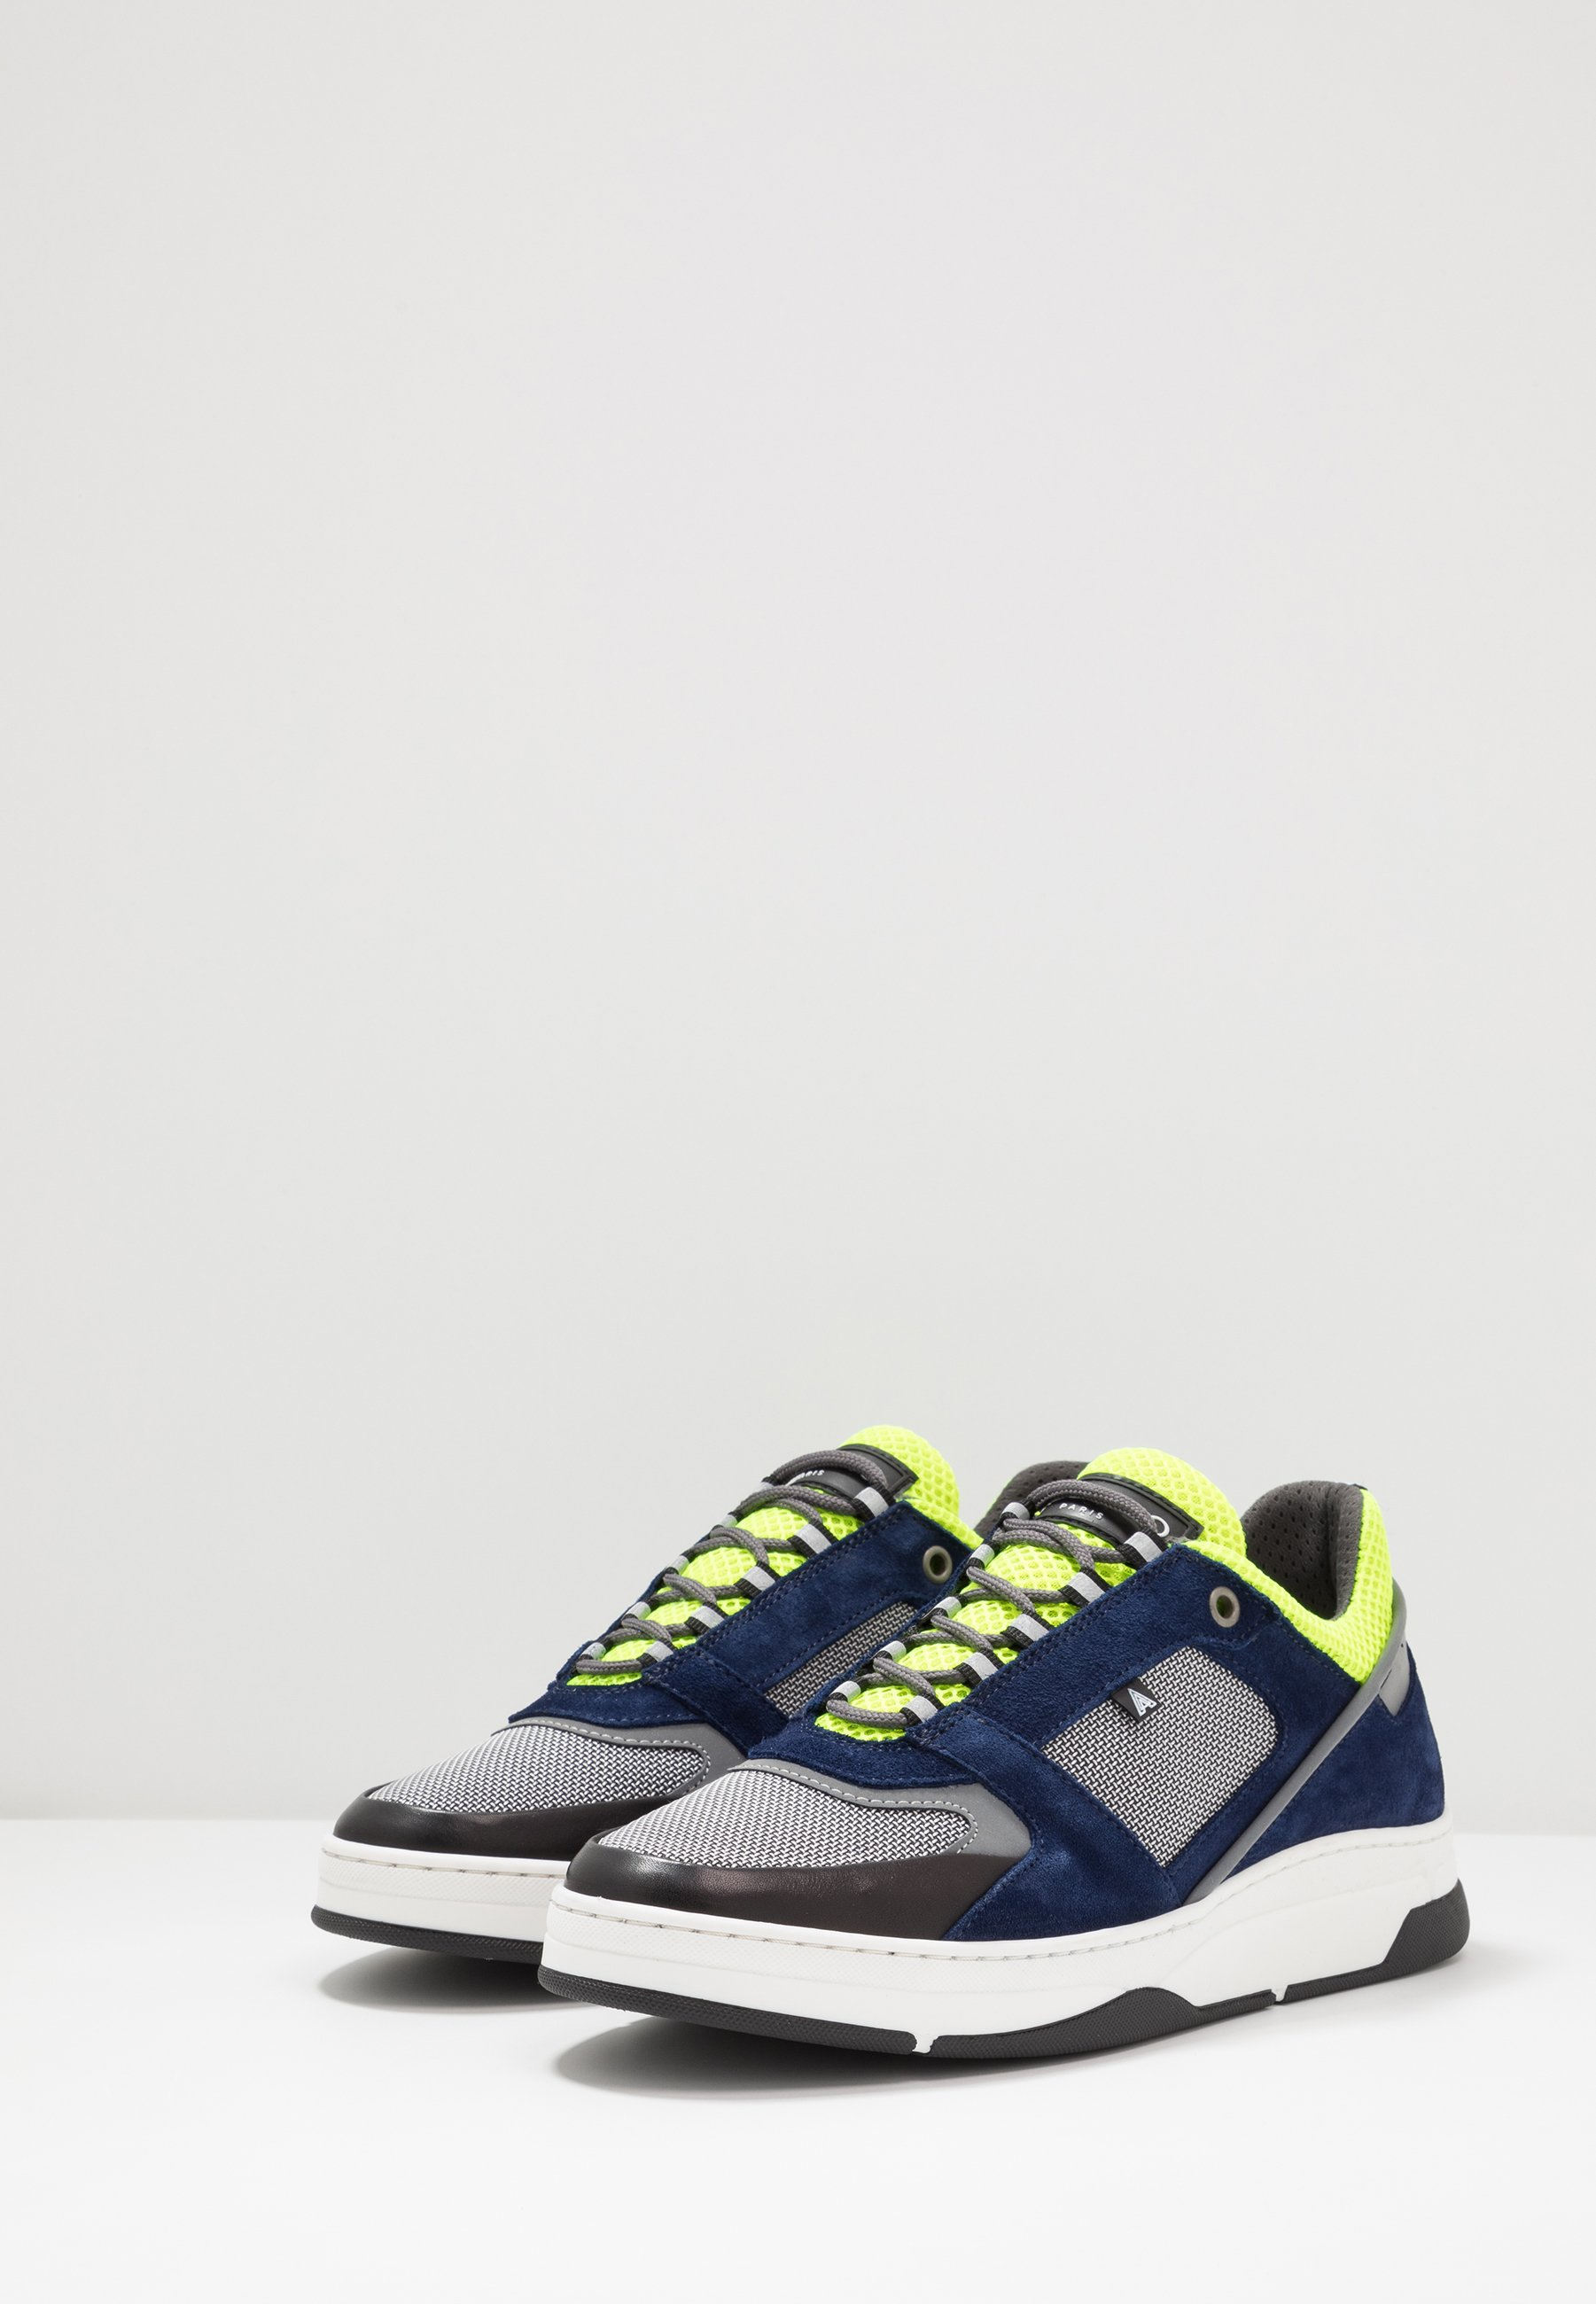 Azzaro Jogg - Sneakers Laag Marine/gris/jaune Goedkope Schoenen